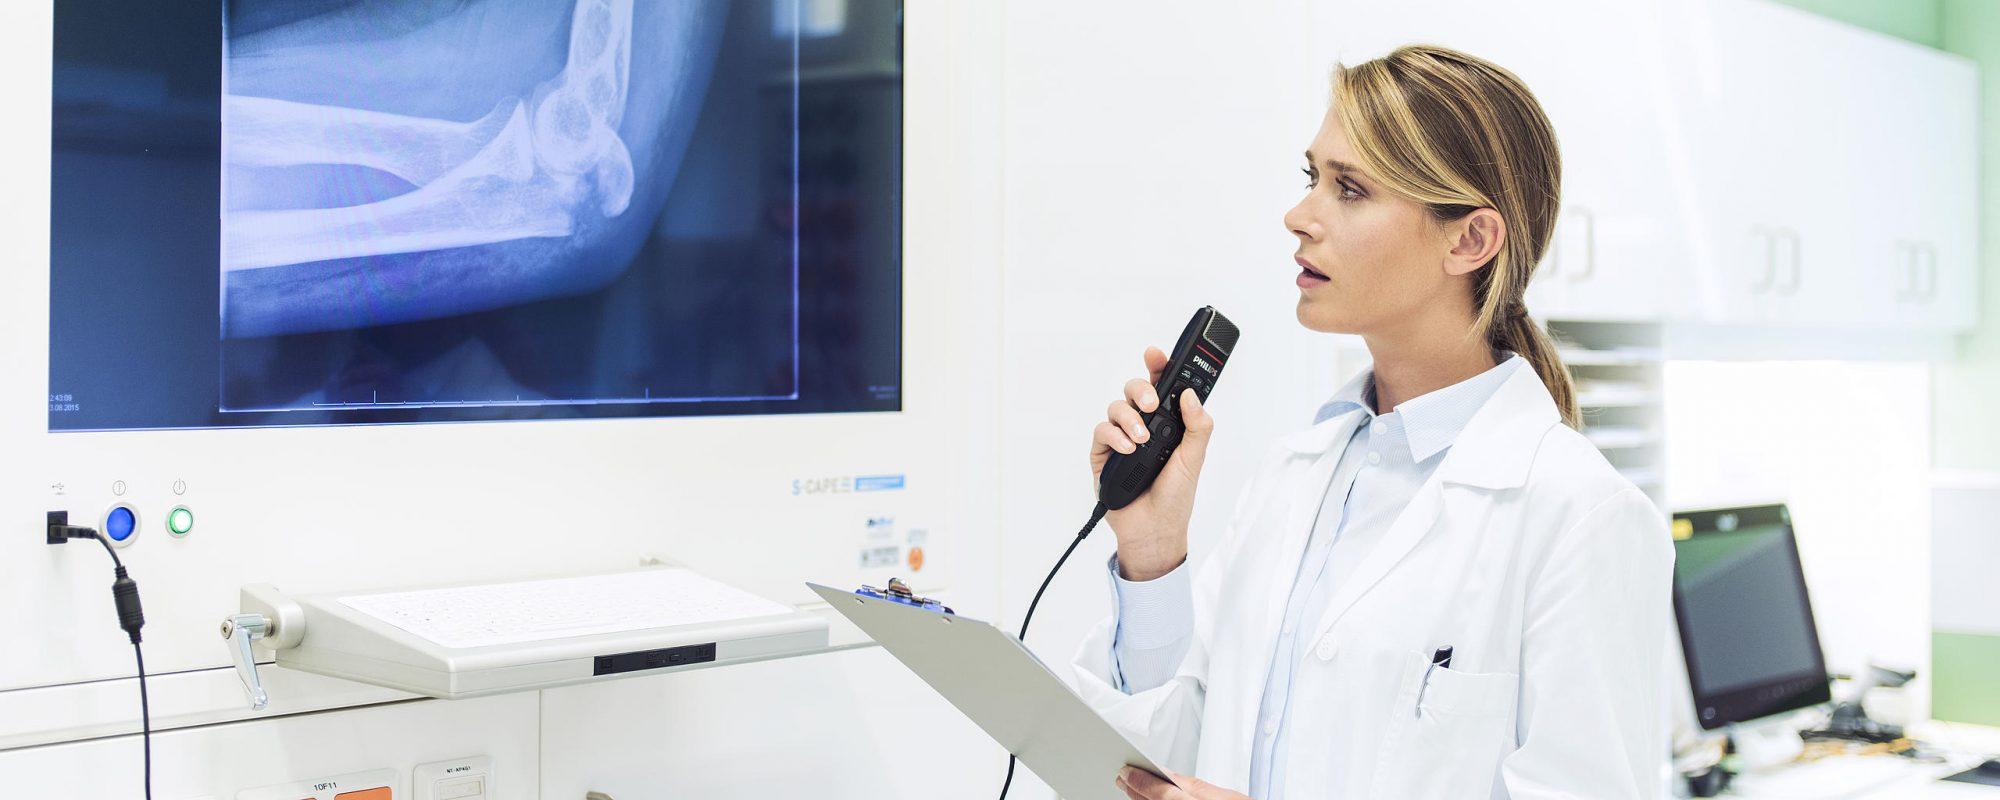 AVT de specialist voor digitaal dicteren en spraakherkenning - Dicteren met een Philips SpeechMike door een arts